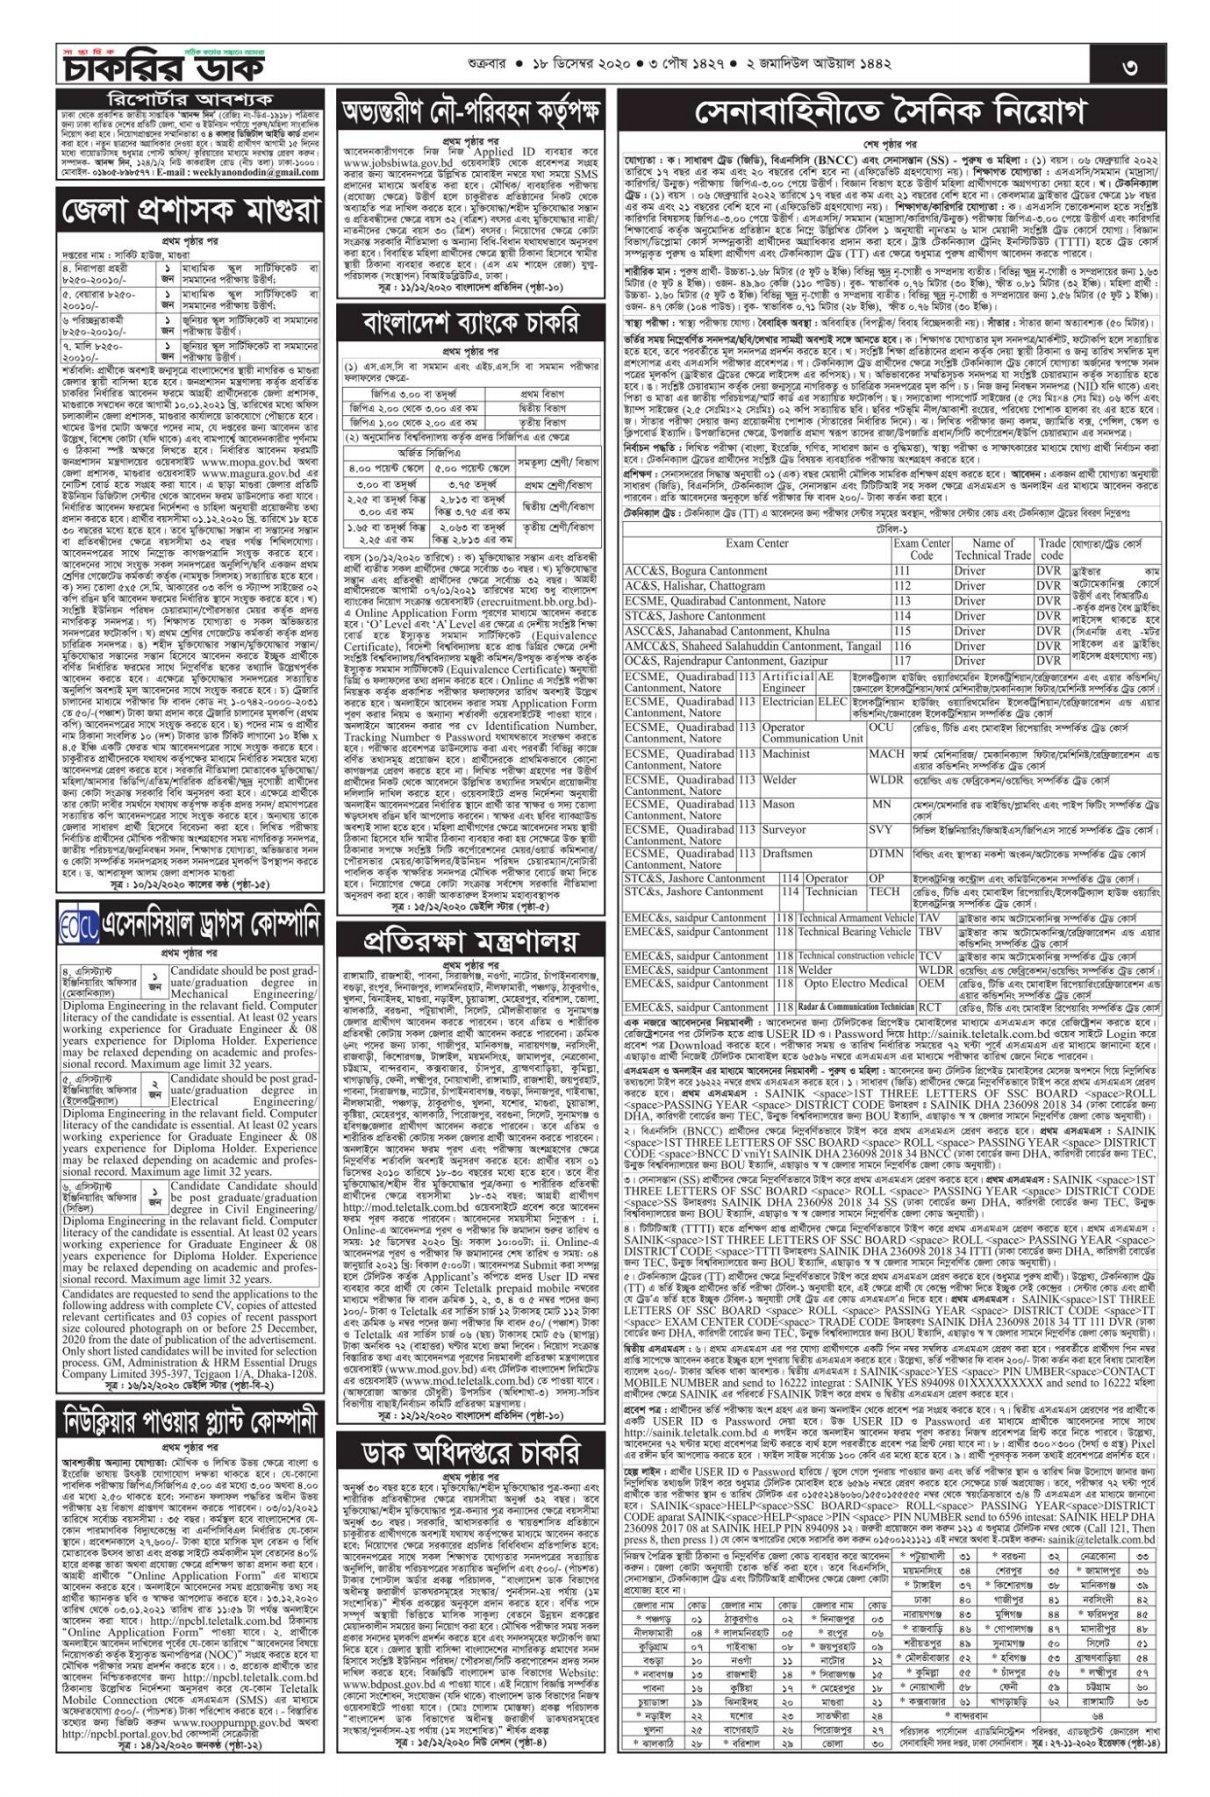 ১৮ ডিসেম্বর ২০২০-সাপ্তাহিক চাকরির পত্রিকা-চাকরির ডাক PDF